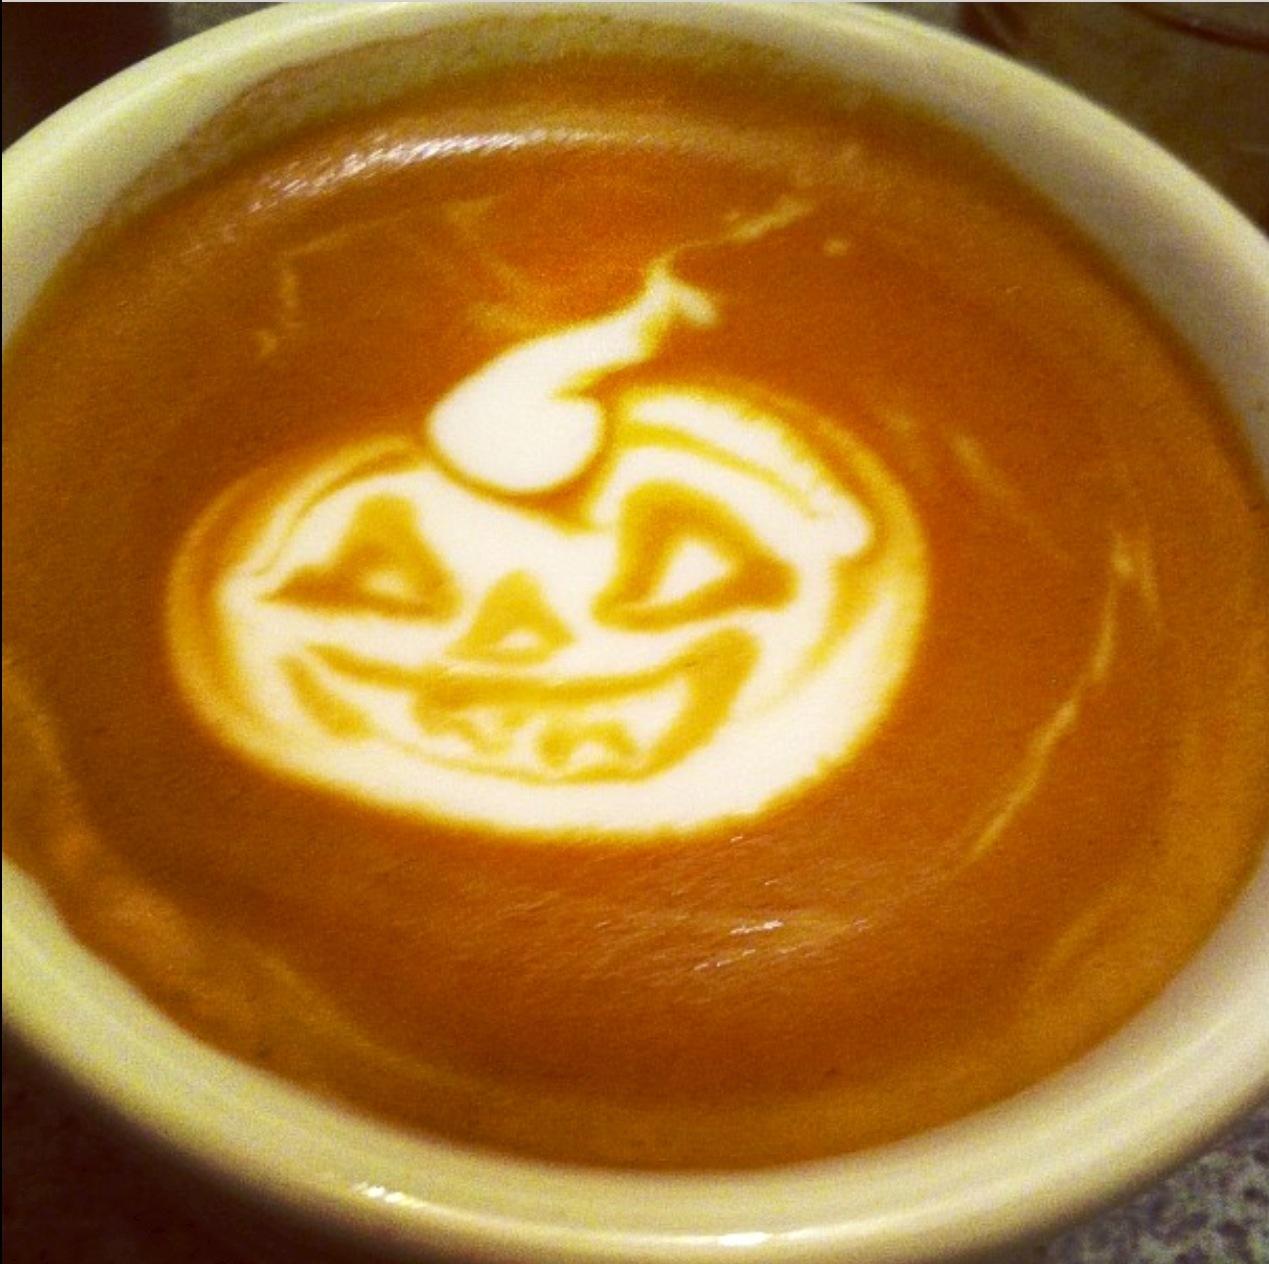 9c8a2dd37c7917139984_Zach_-_pumpkin_latte.jpg